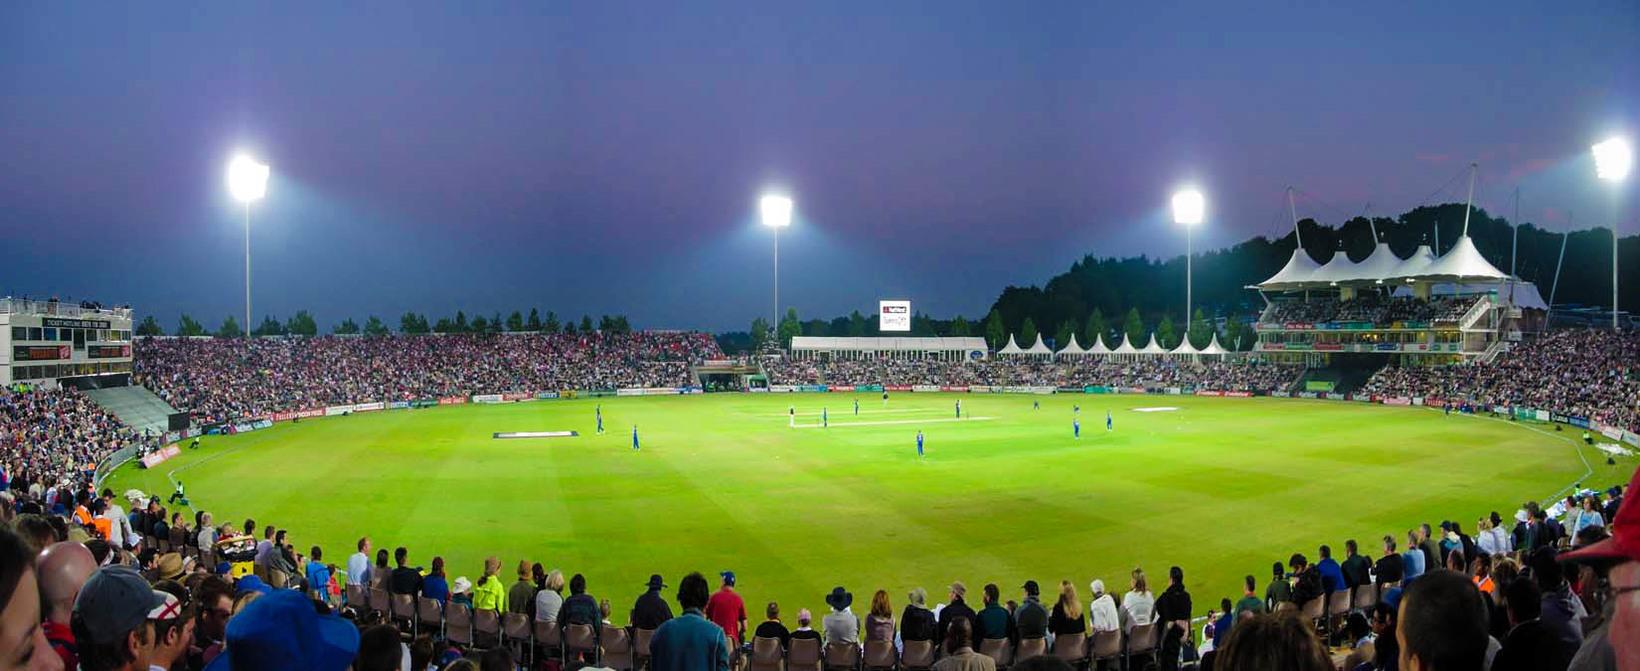 Mahinda Rajapaksa International Cricket Stadium, Hambantota